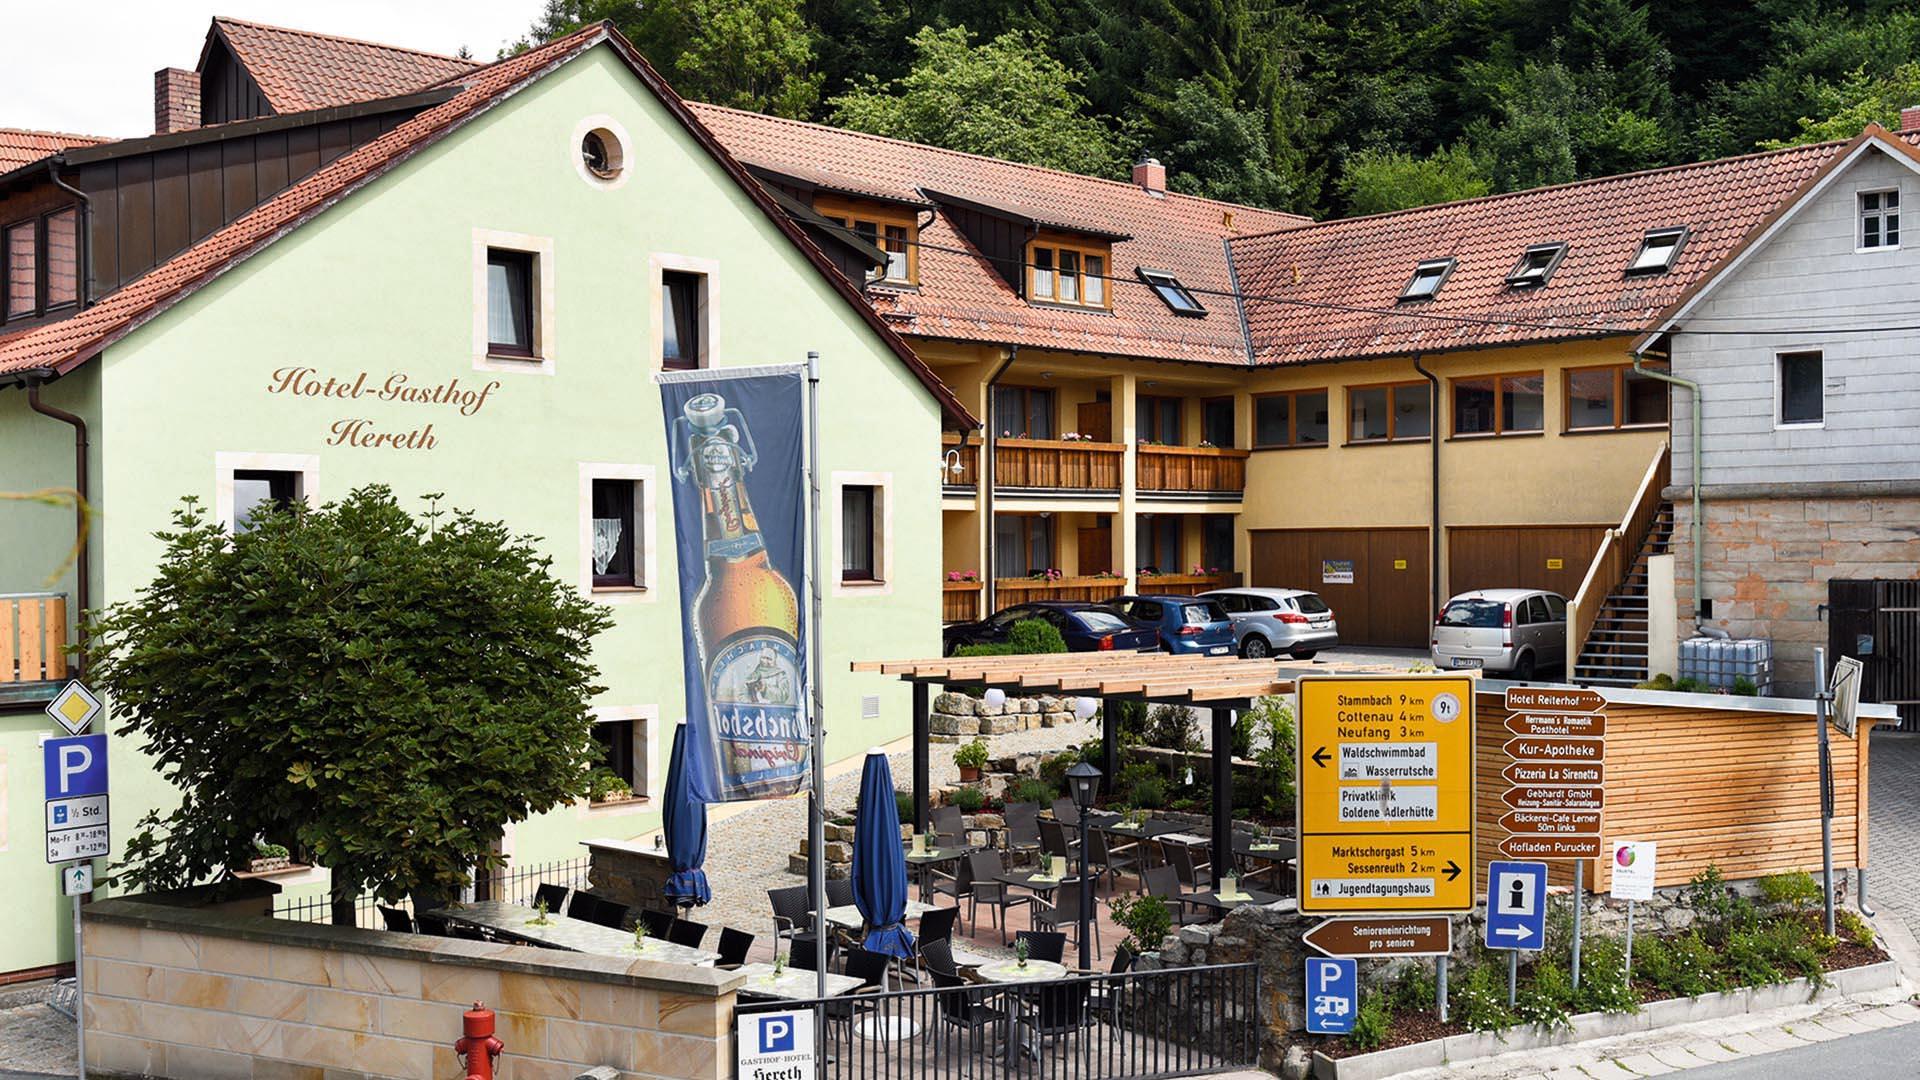 Hotel-Gasthof Hereth